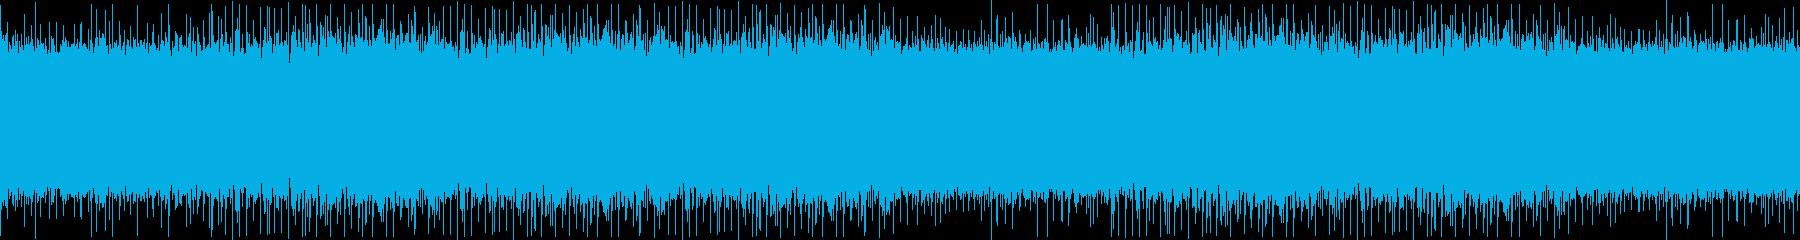 哀愁漂う生音バンド風オルガンループビートの再生済みの波形